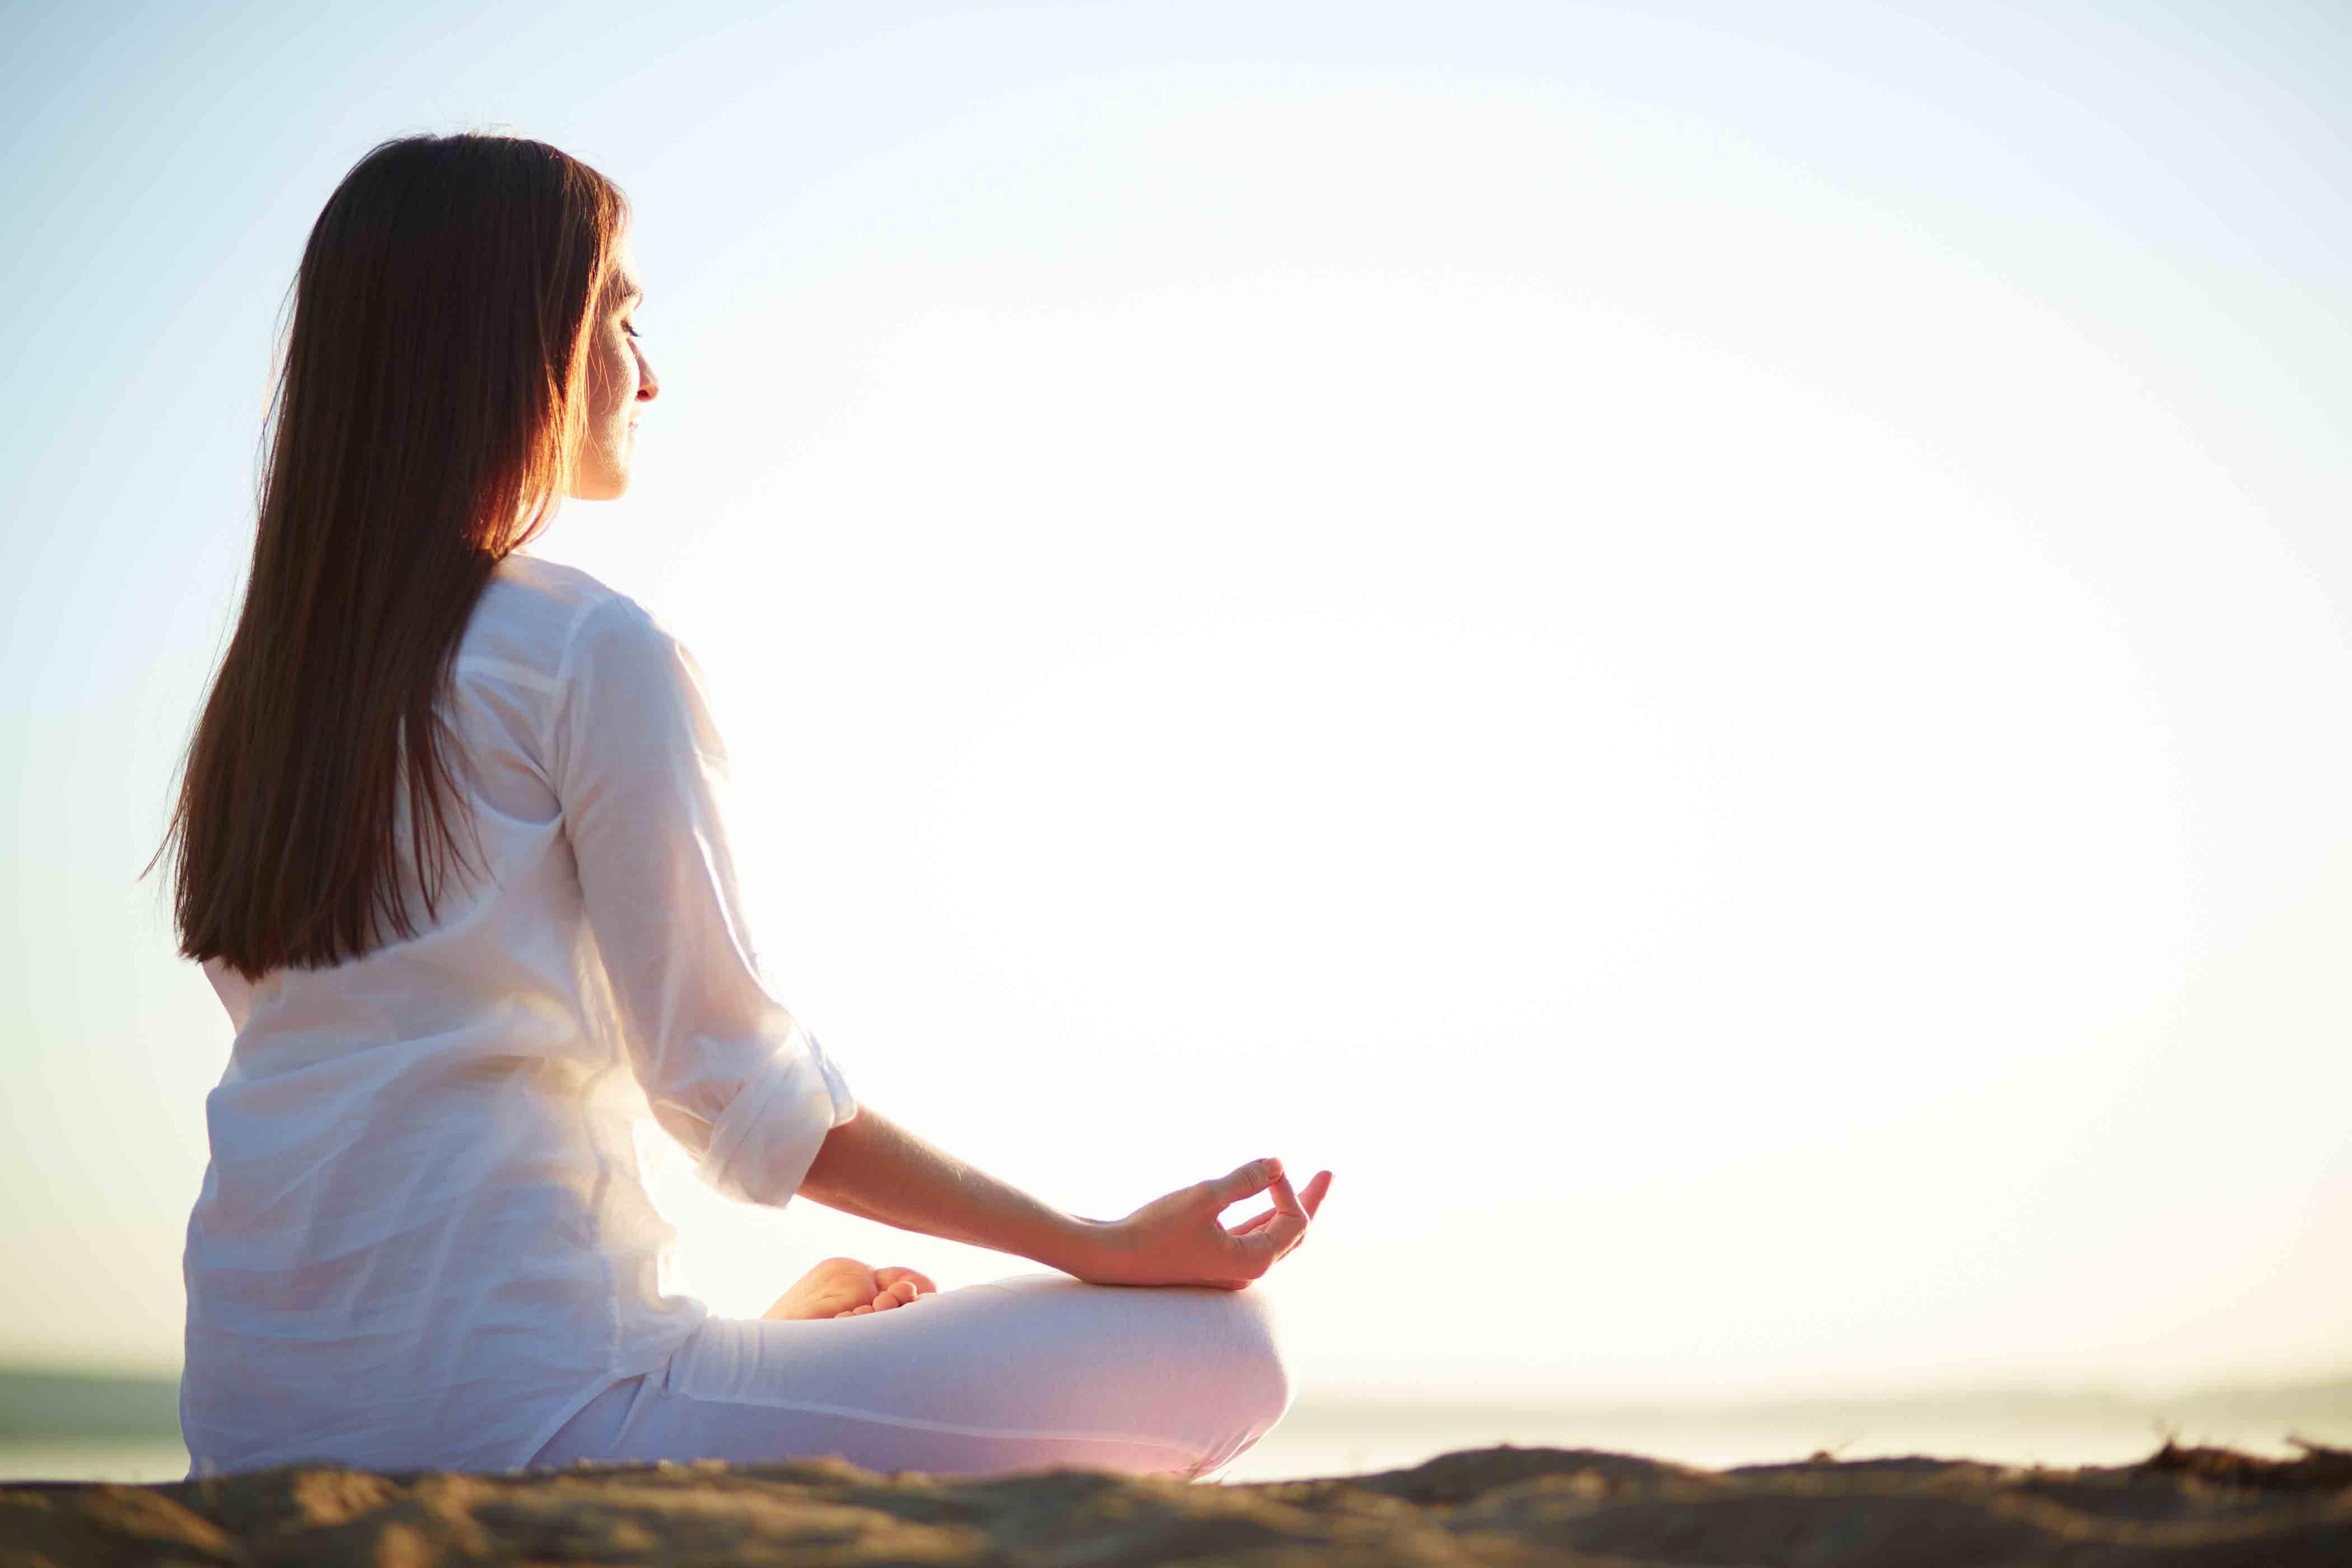 La méditation peut diminuer le stress et l'angoisse